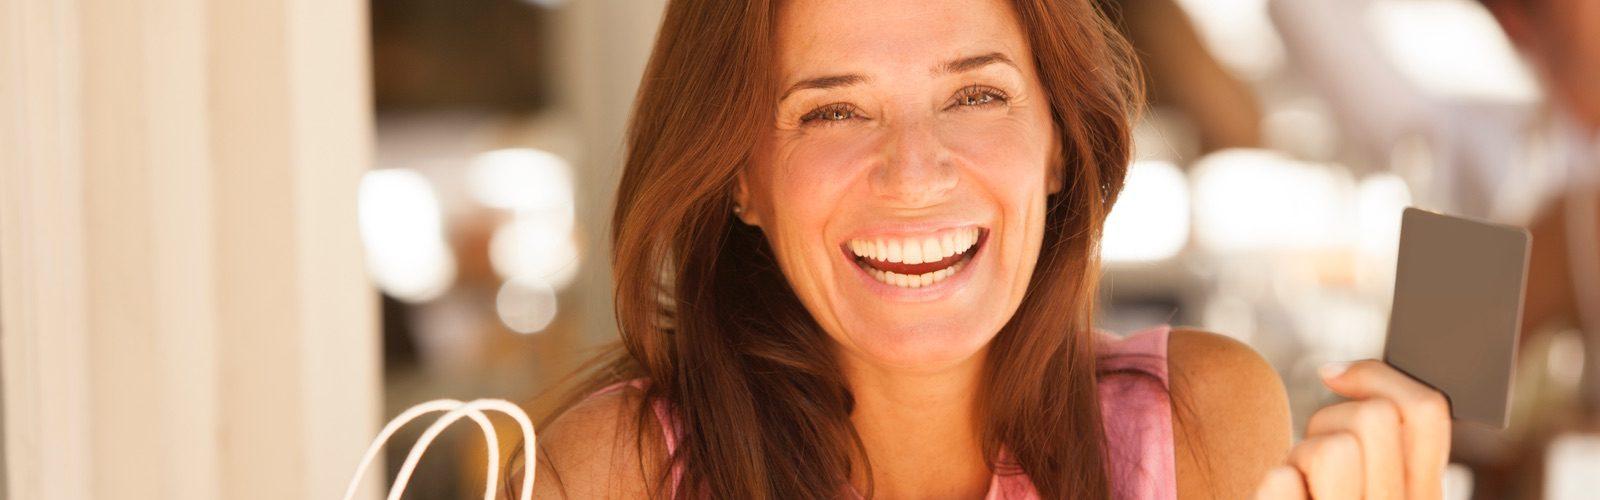 Attraktive Frau mittleren Alters schaut lächelnd in die Kamera und hält ihre Kreditkarte hoch.